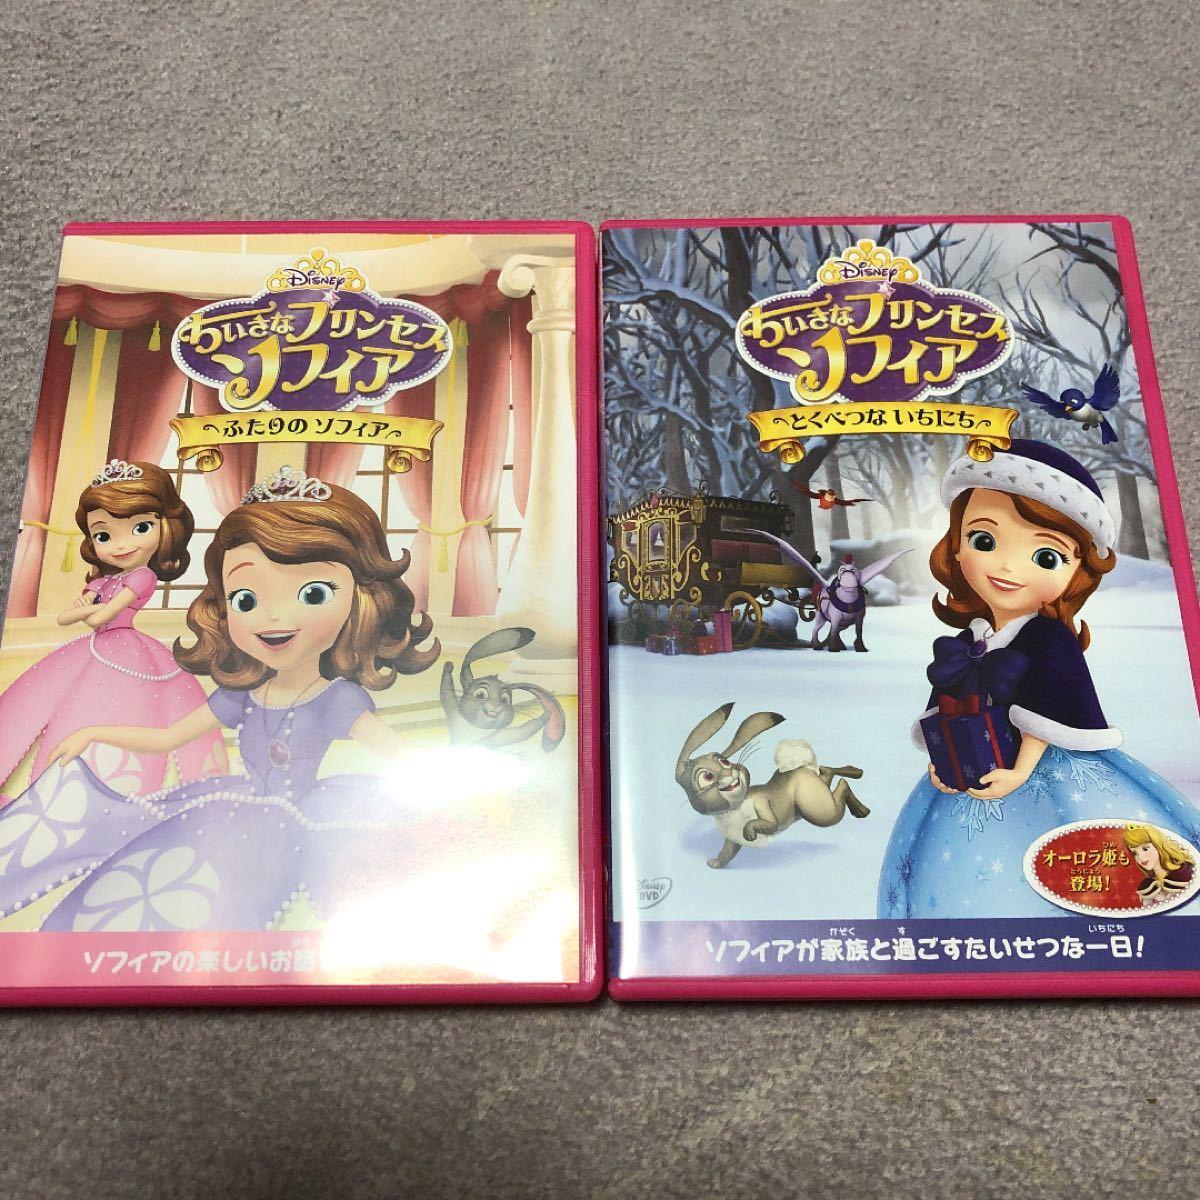 プリンセスソフィア DVD 2枚セット ディズニーDVD